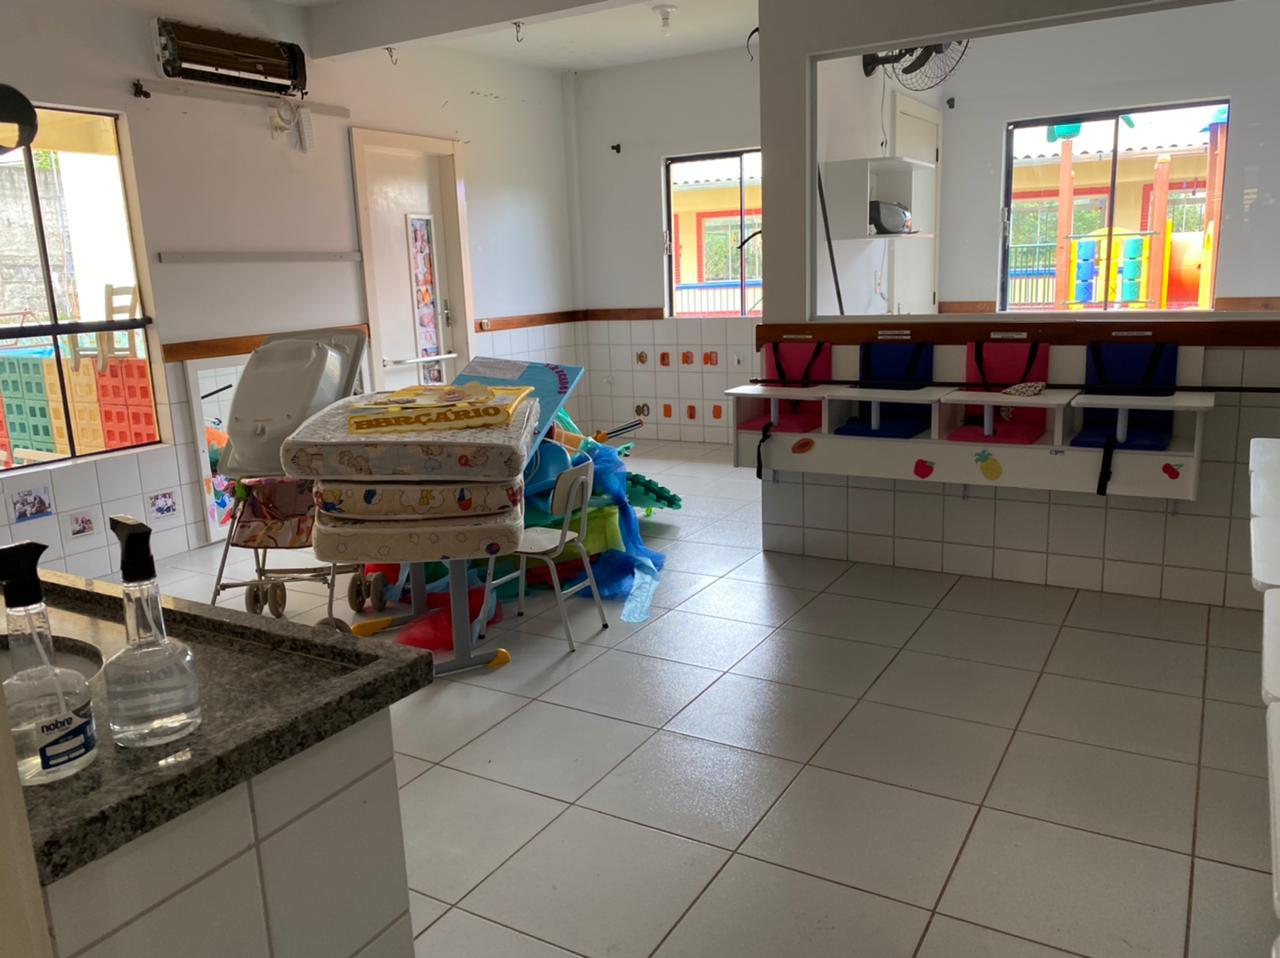 Desde segunda-feira (10) a unidade escolar infantil recebe melhorias em todas as salas - Willian Ricardo/ND